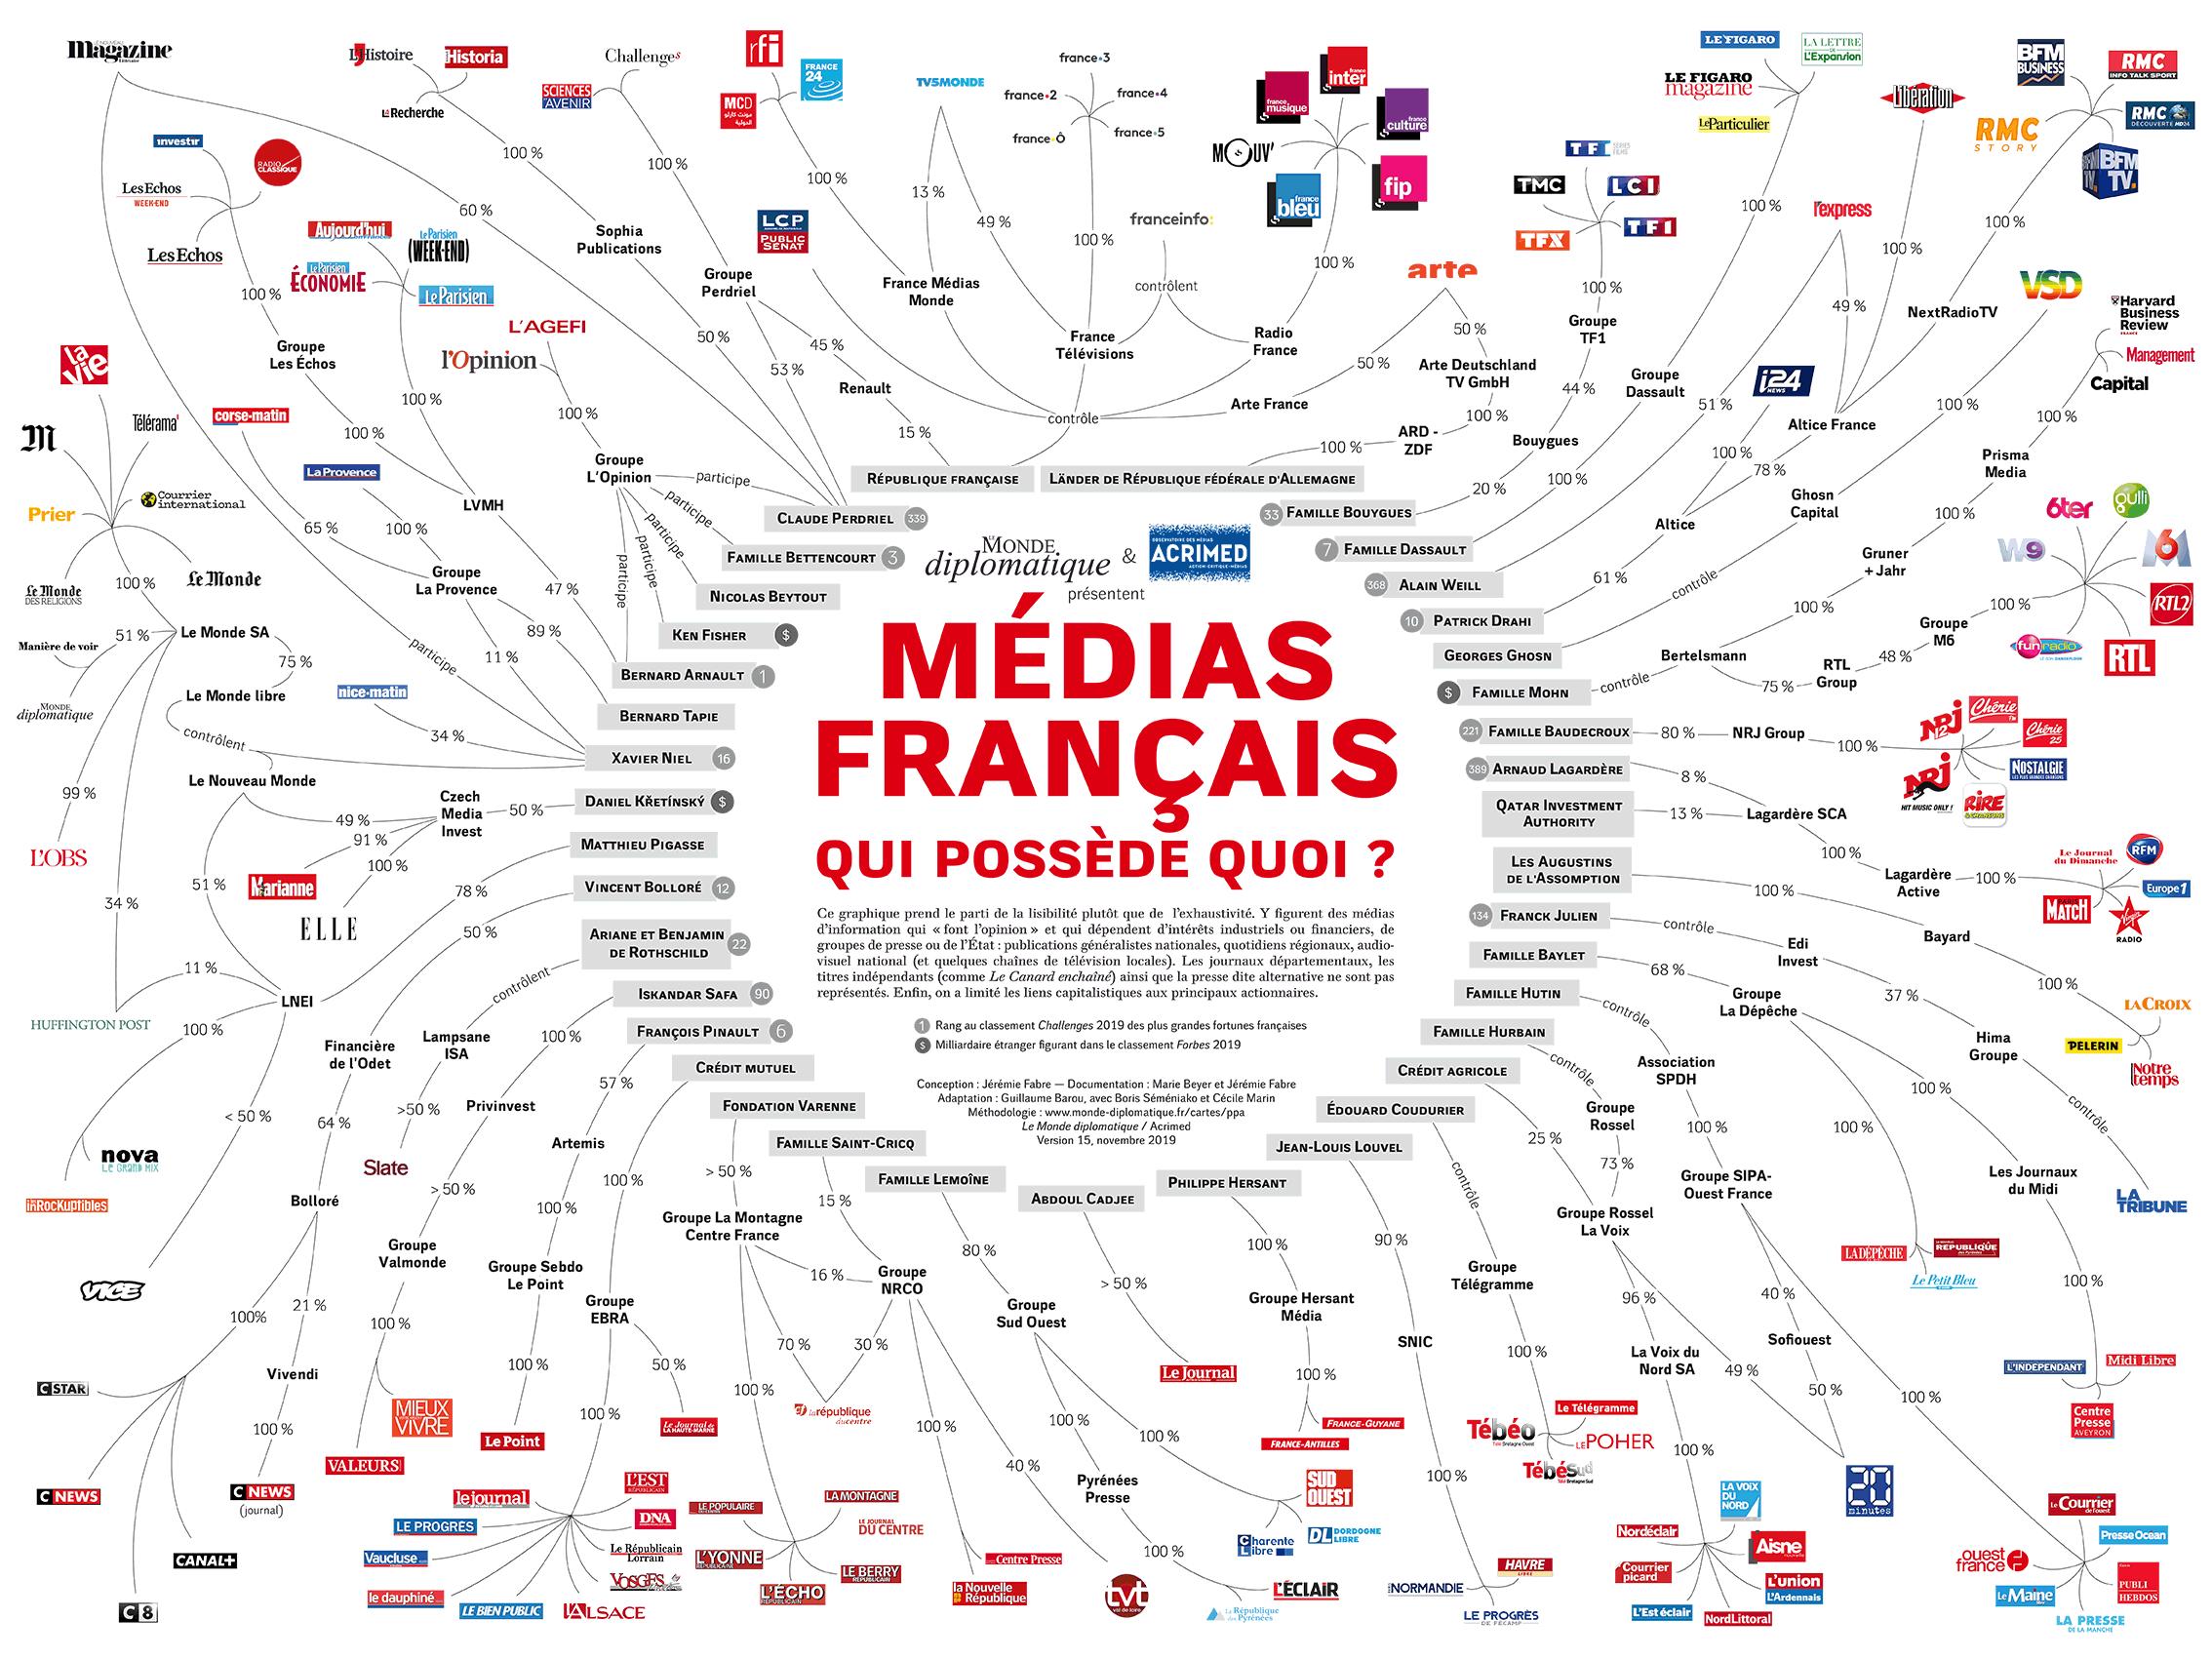 Médias français : qui possède quoi ? (Acrimed et Le Monde diplomatique, version du 23 janvier 2018)